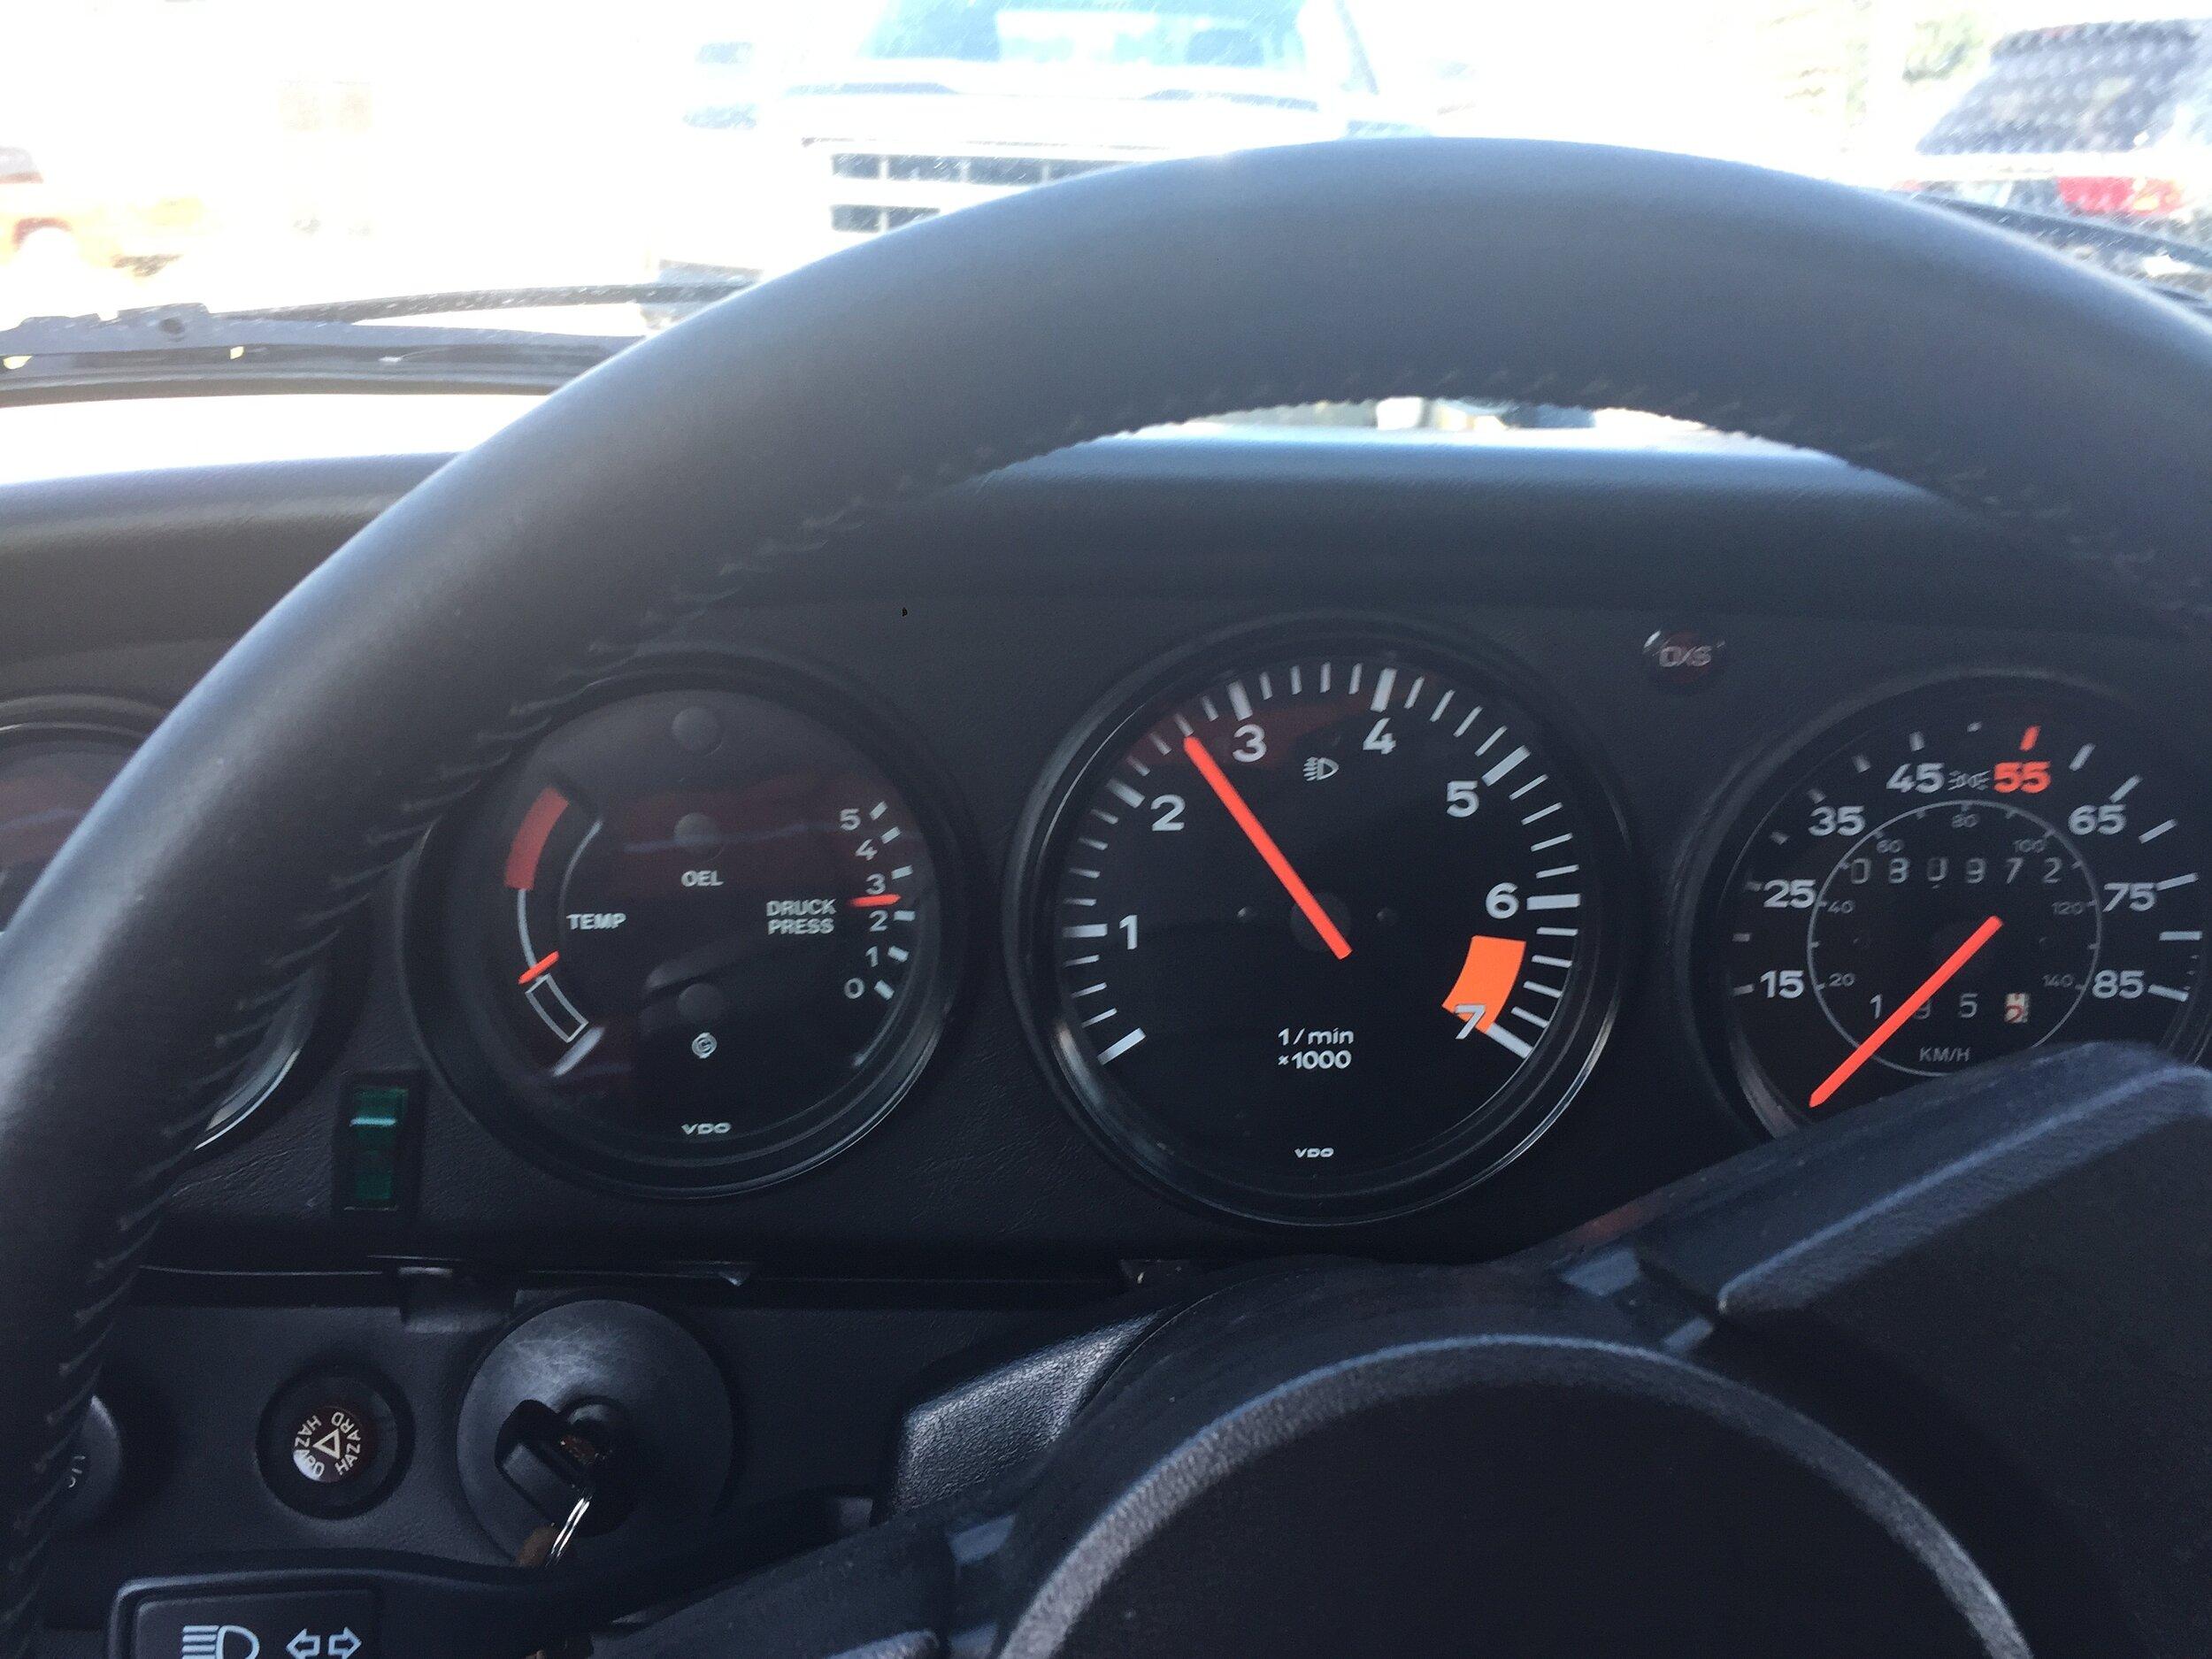 80,XXX miles